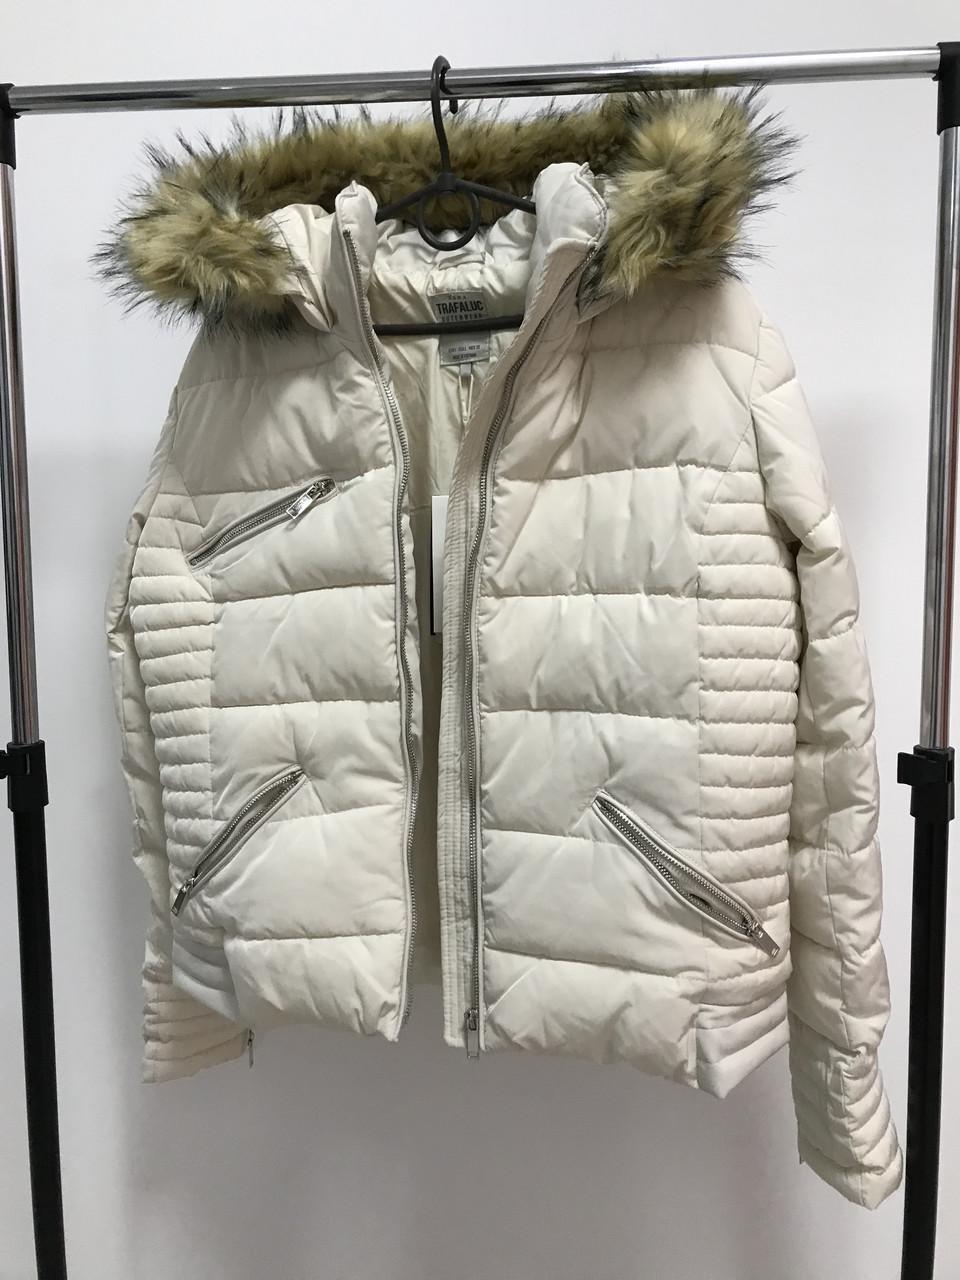 65f8a1605b3b Женская мужская детская одежда Zara оптом - Стоковий магазин